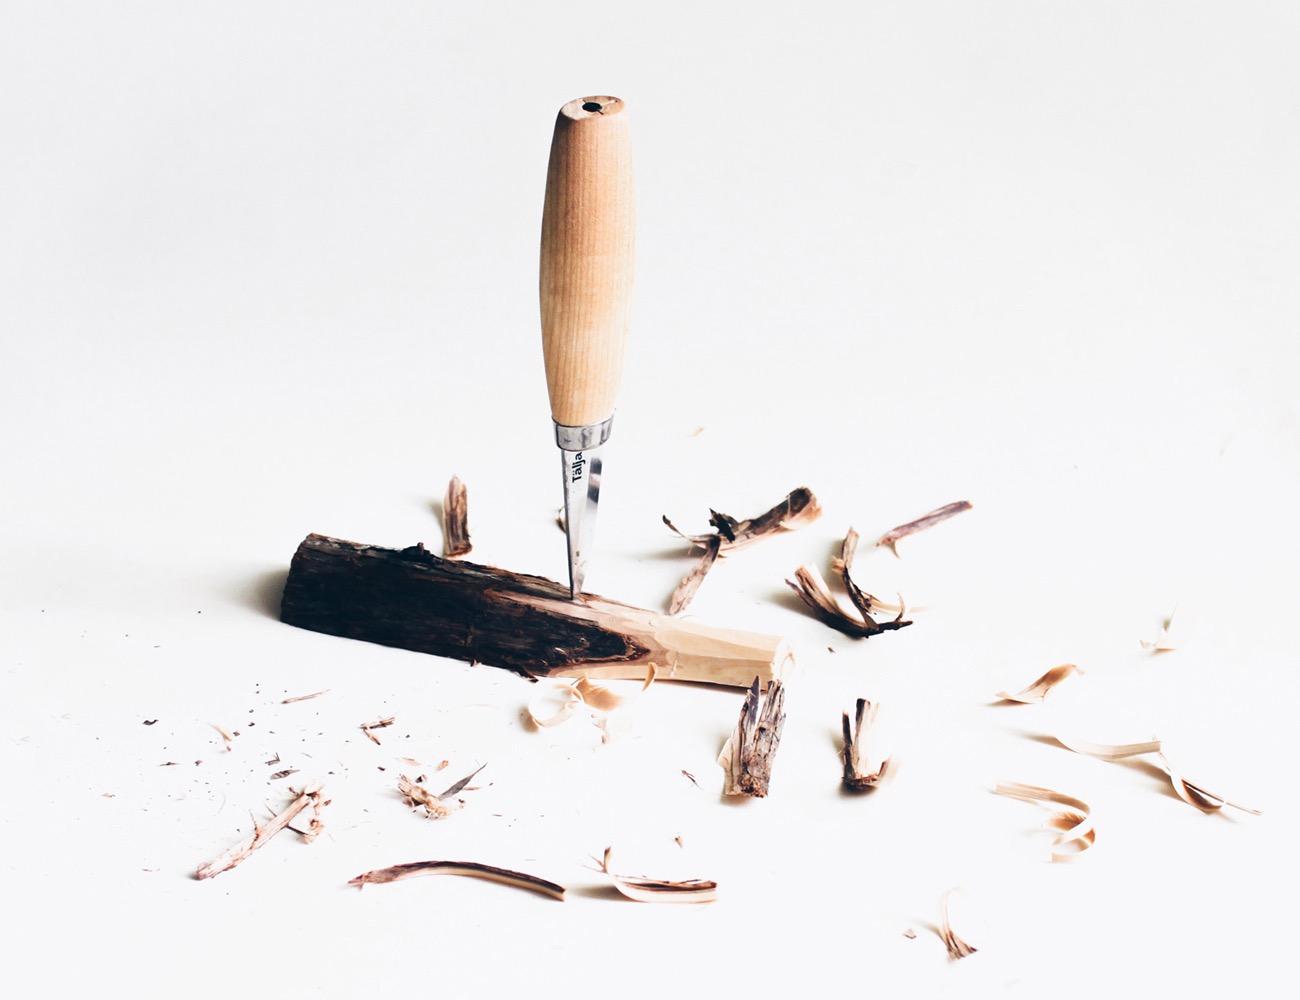 Tälja – Swedish Woodcarving Kit